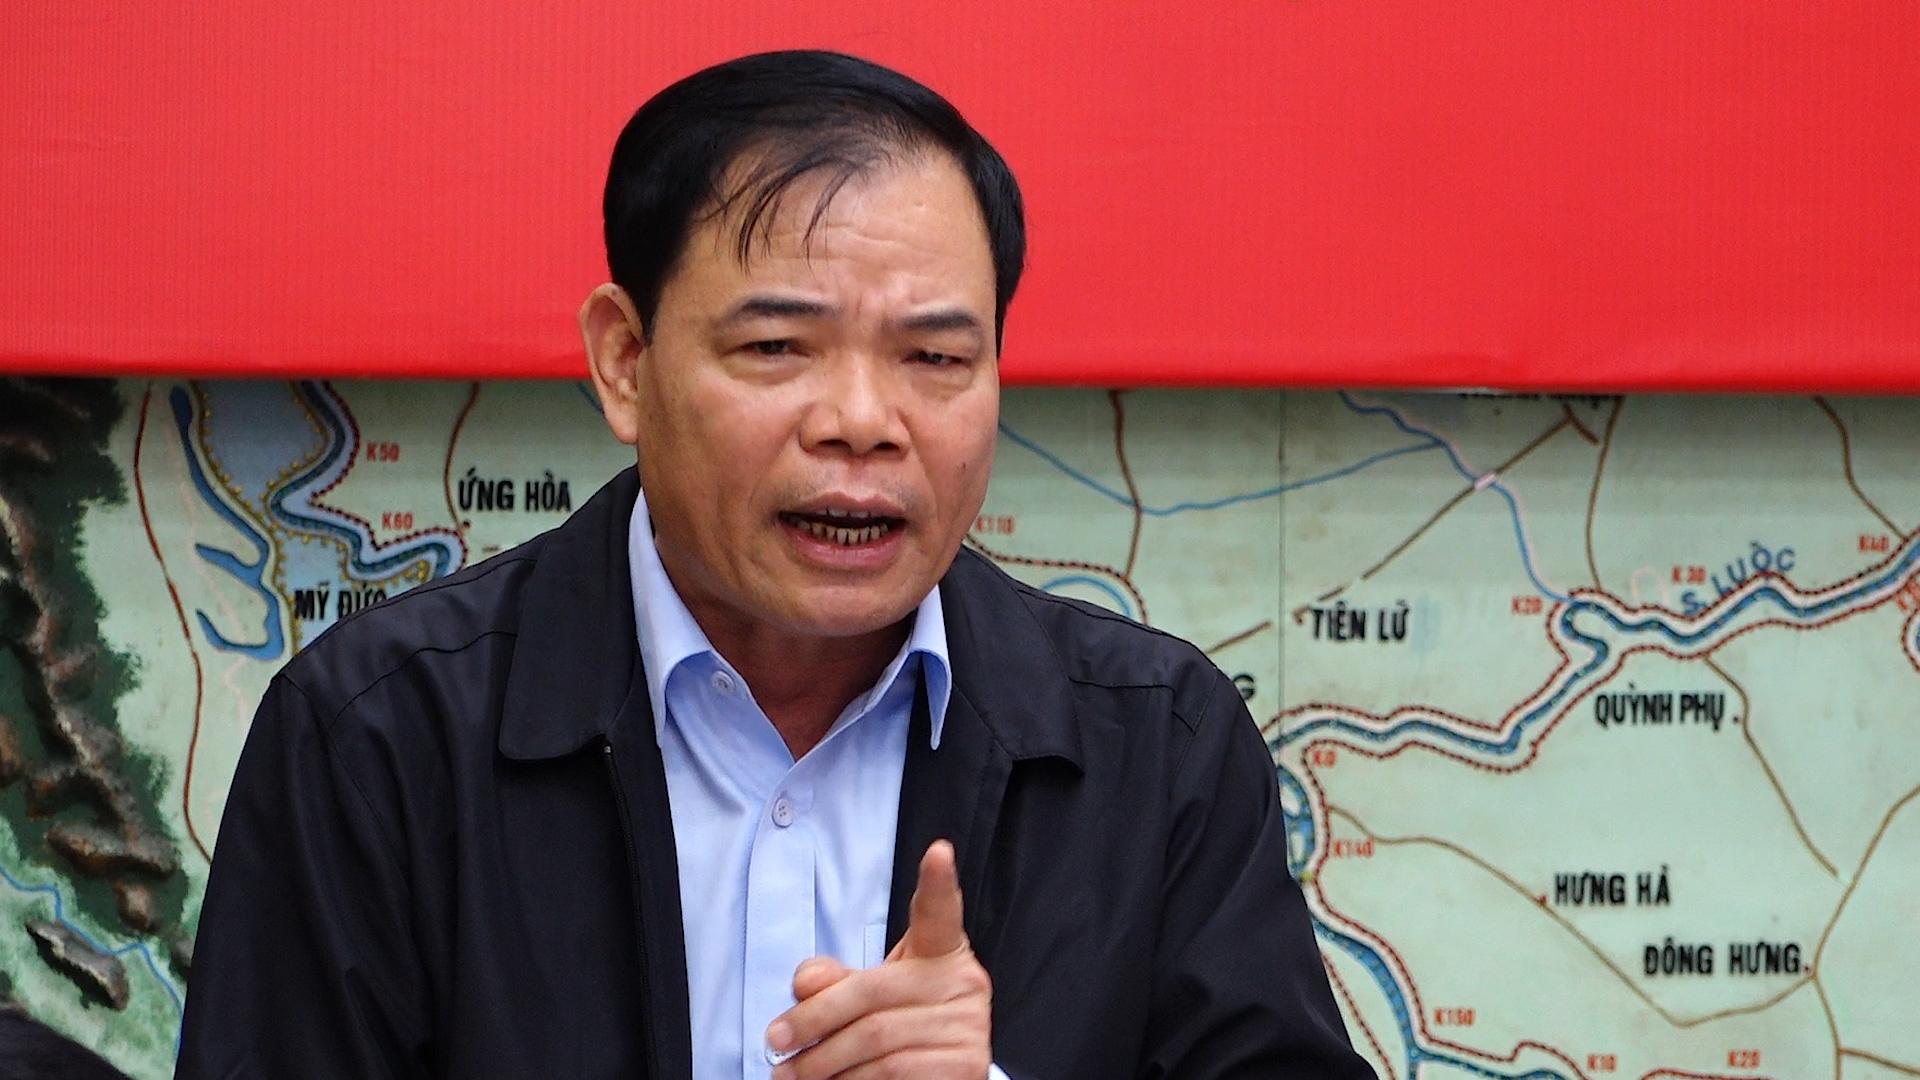 Bộ trưởng Nguyễn Xuân Cường nói về mức độ ảnh của bão Vamco